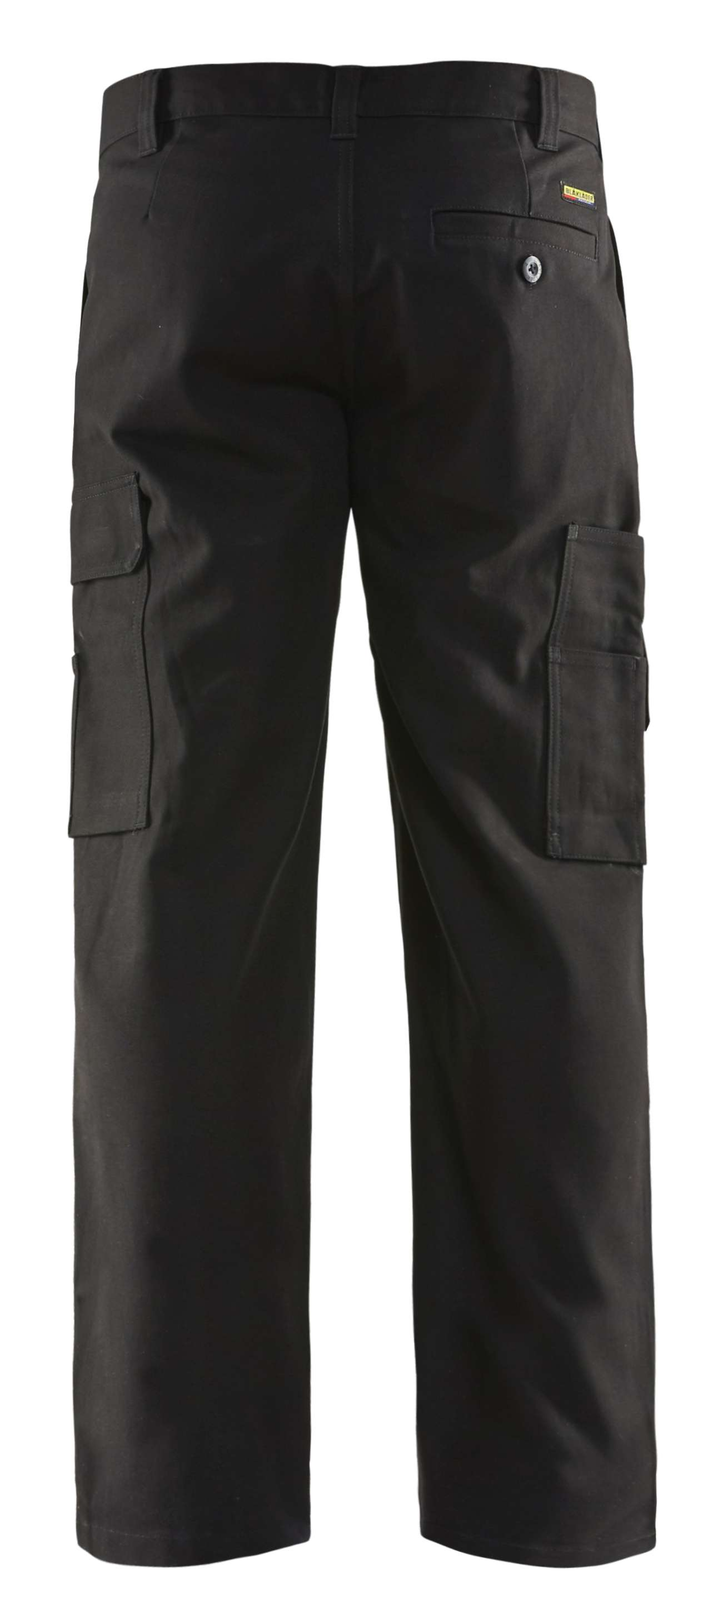 Blaklader Broeken 14001370 zwart(9900)